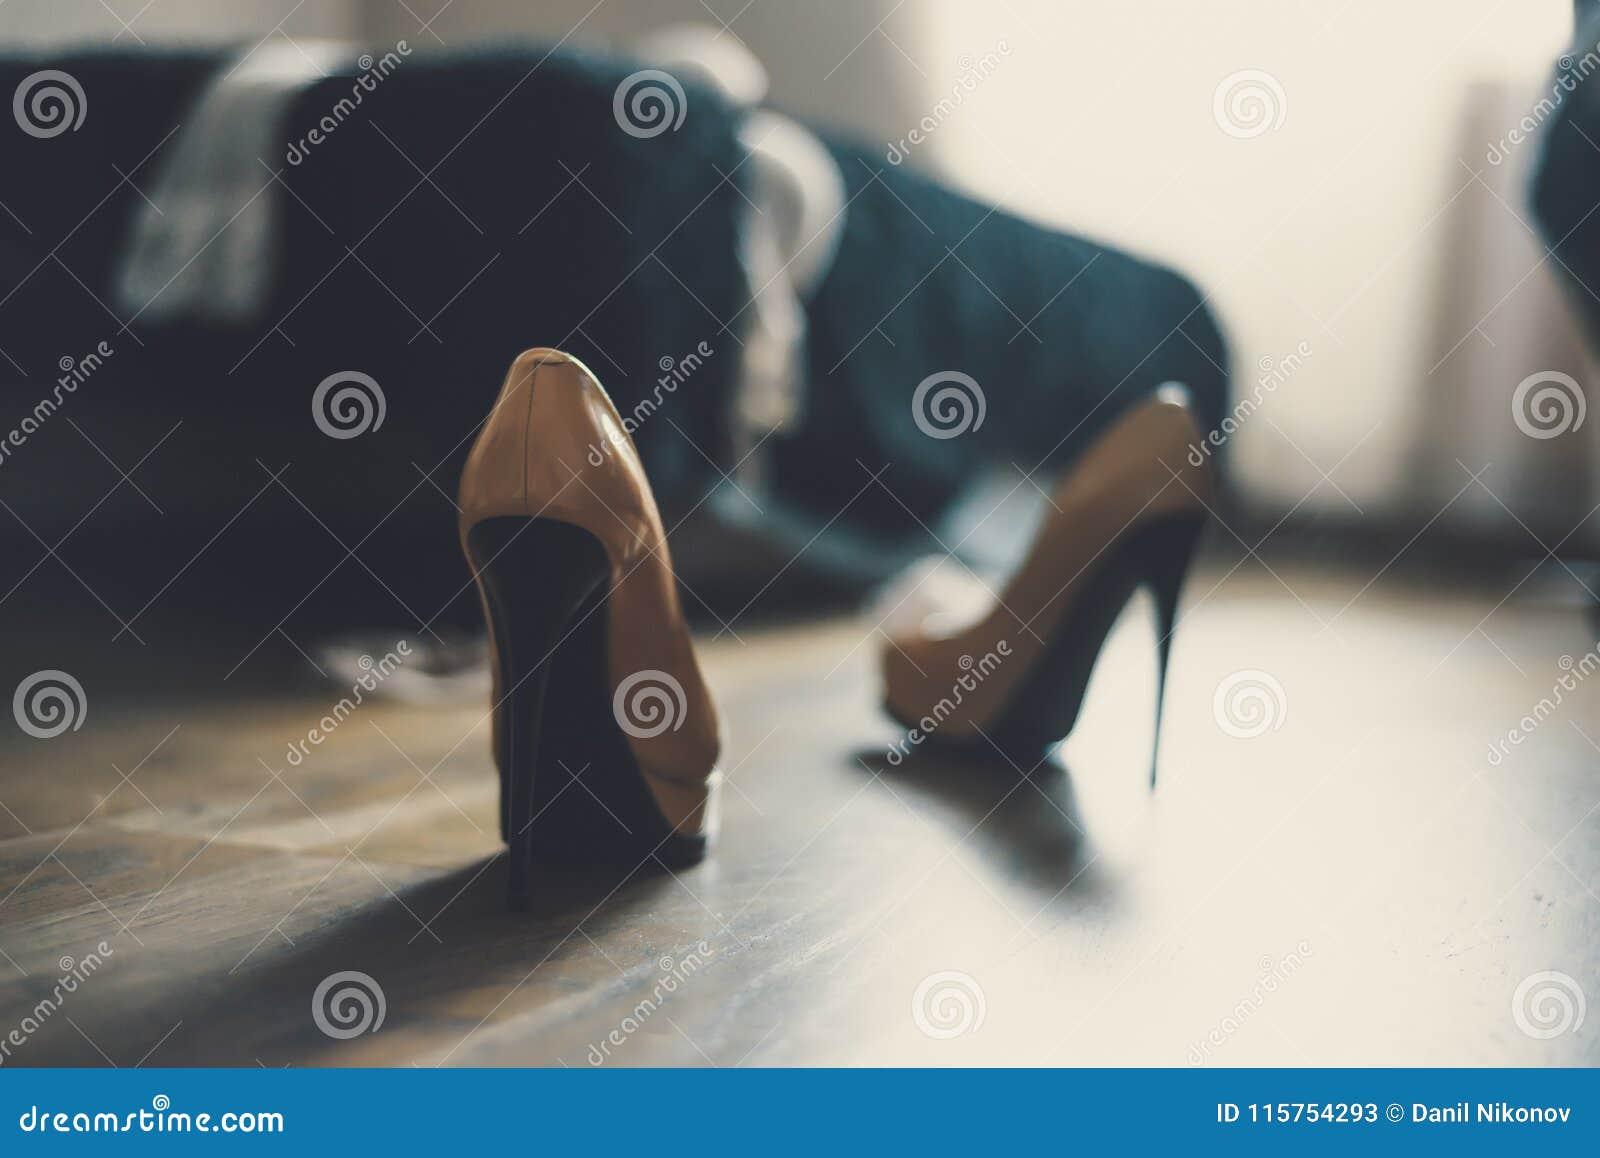 Quick sex pictures